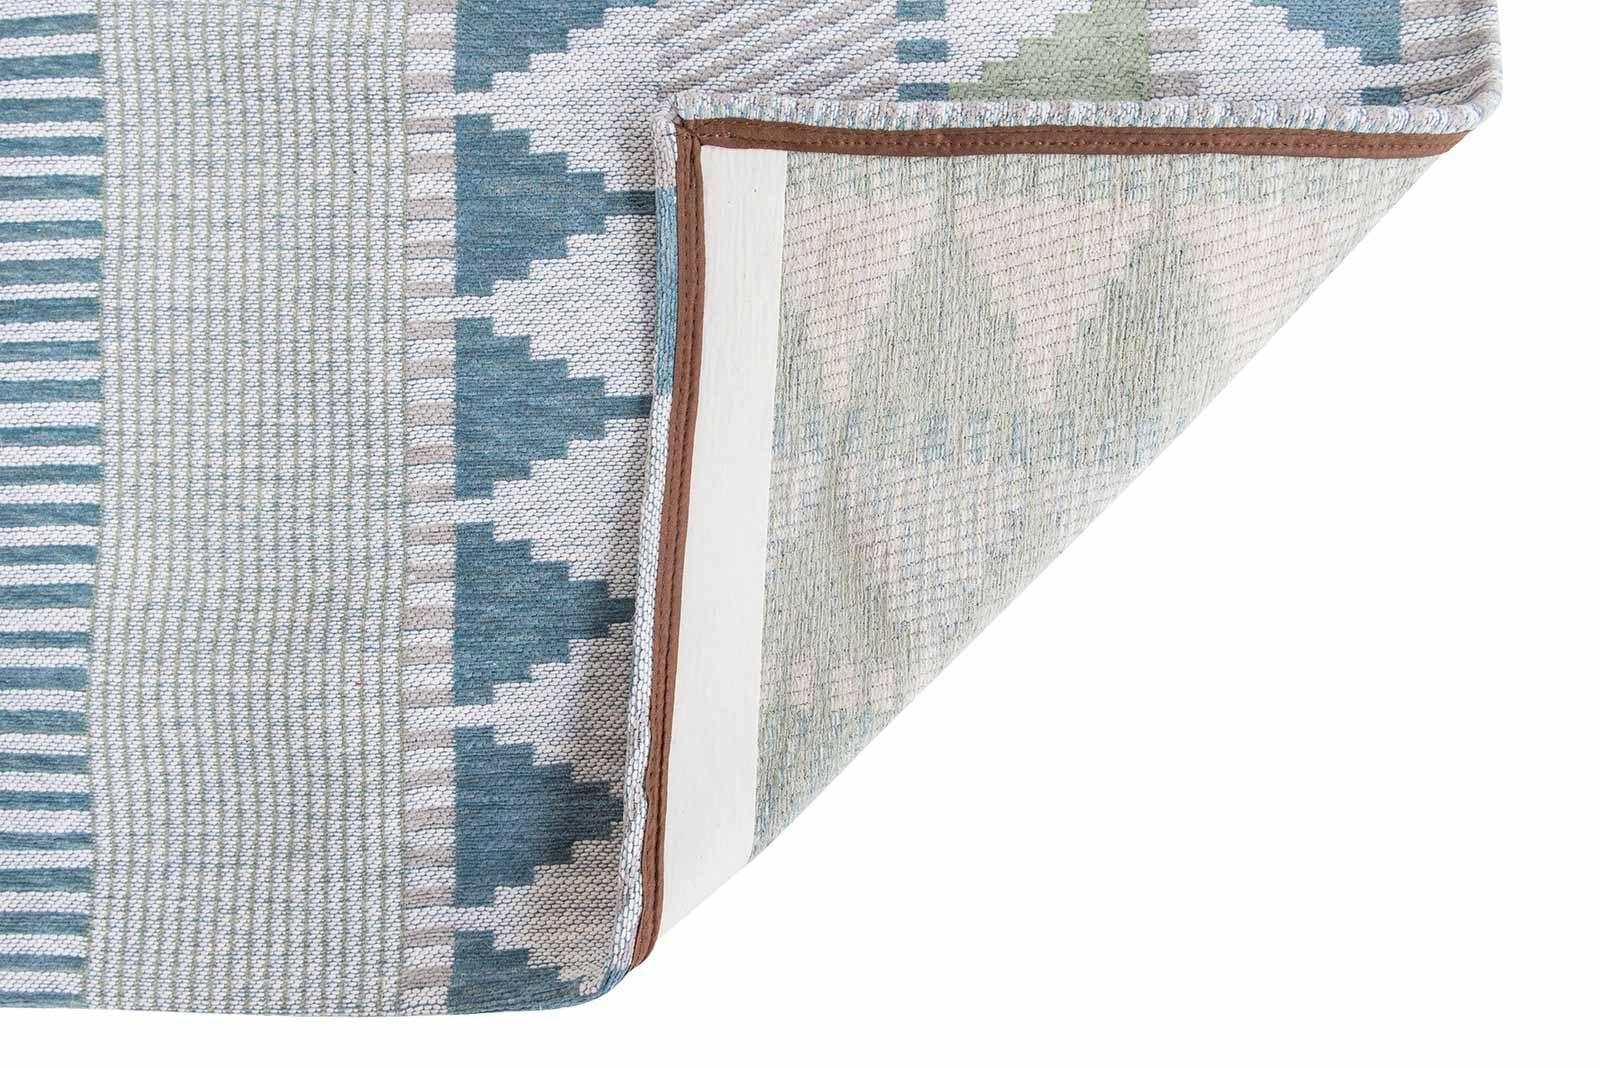 Louis De Poortere alfombras Villa Nova LX 8768 Tobi Pine back